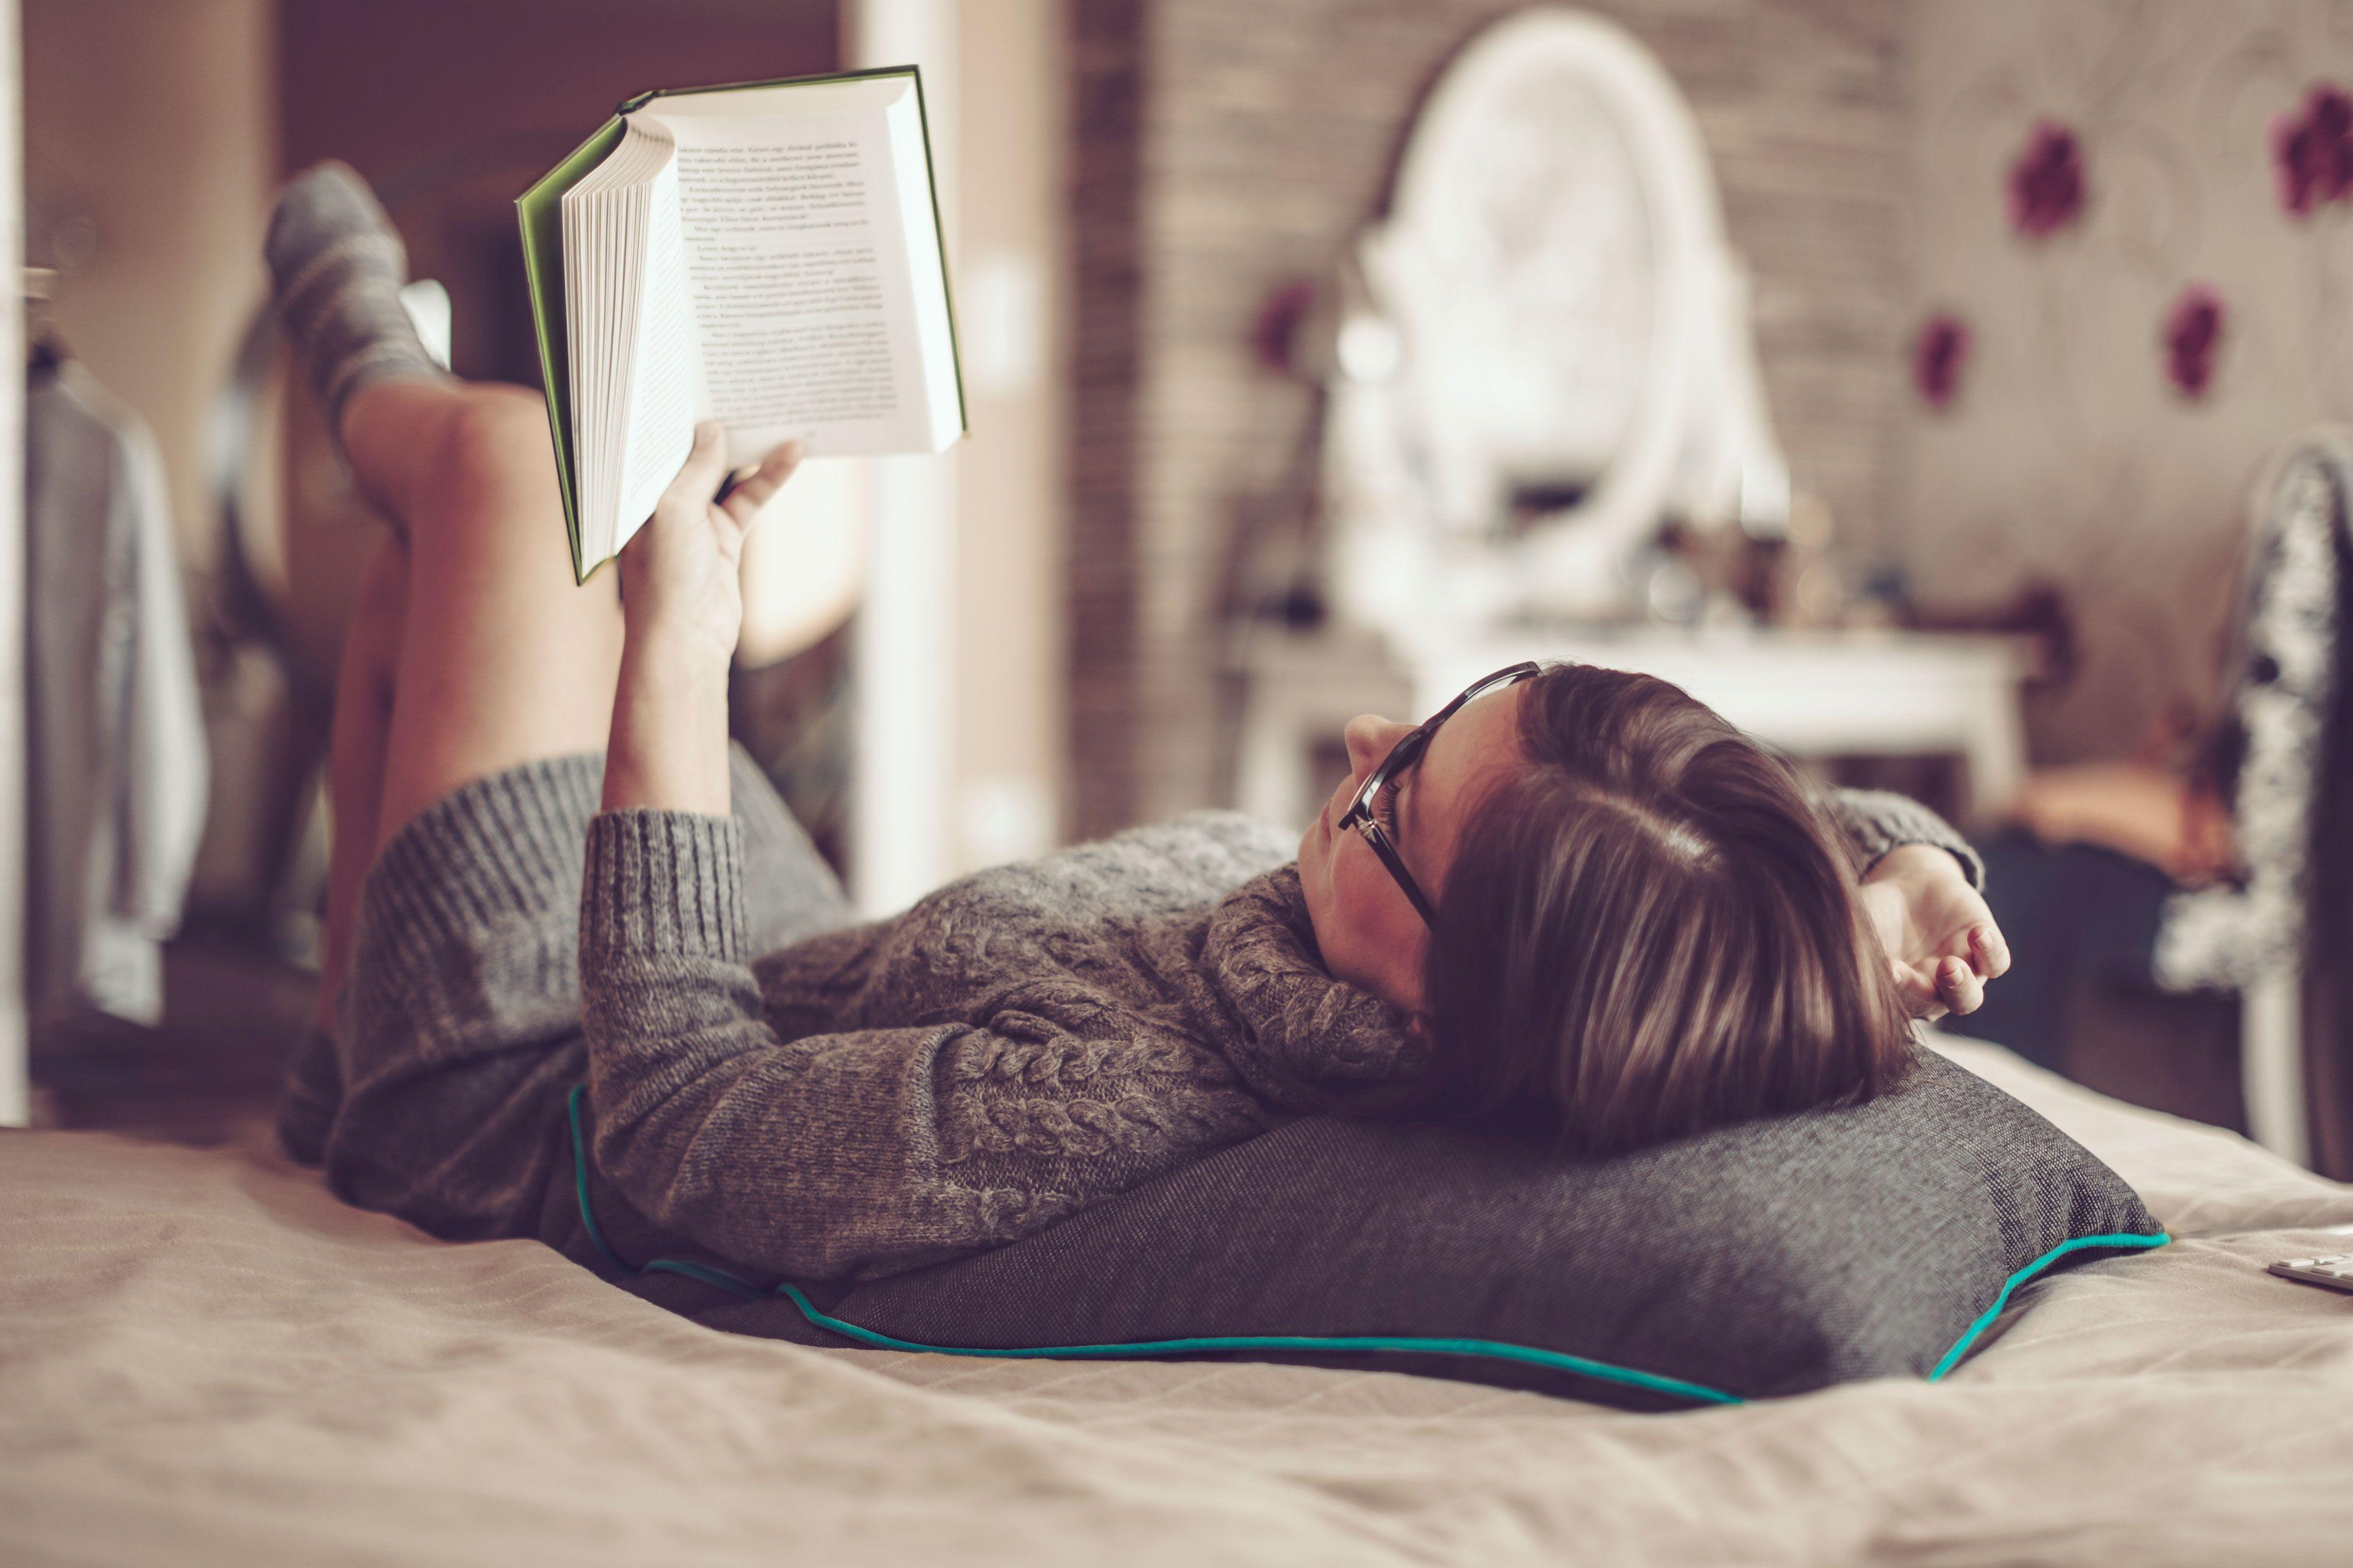 ¿Los libros podrían desaparecer? - Radio Cantilo